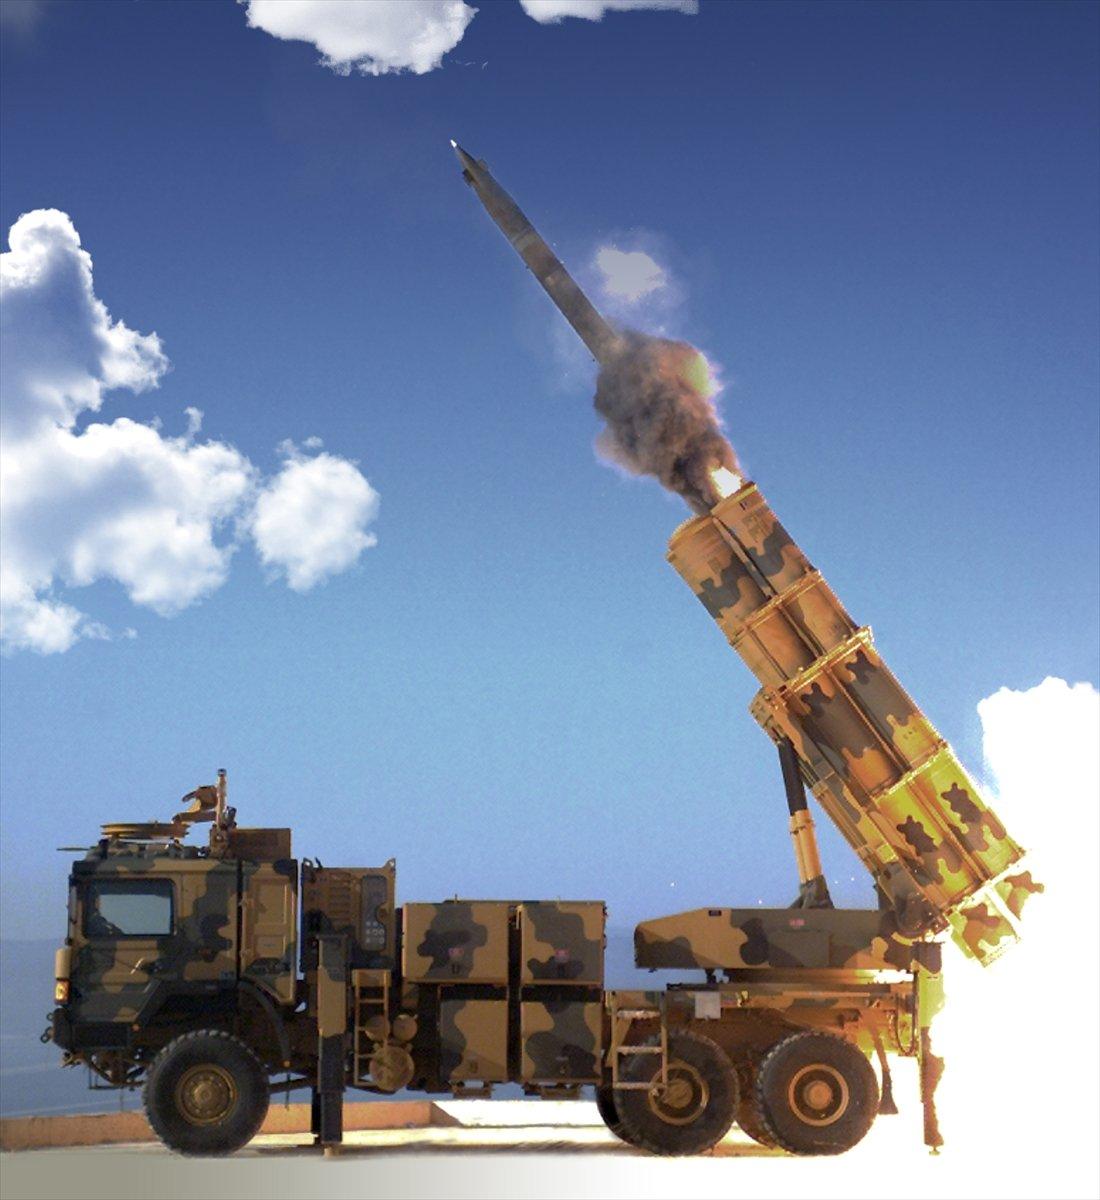 تركيا تتسلم رسميا اول دفعه من الصواريخ الموجهه عيار 302ملم  من شركة roketsan التركية 20161118_2_20206883_16148480_web